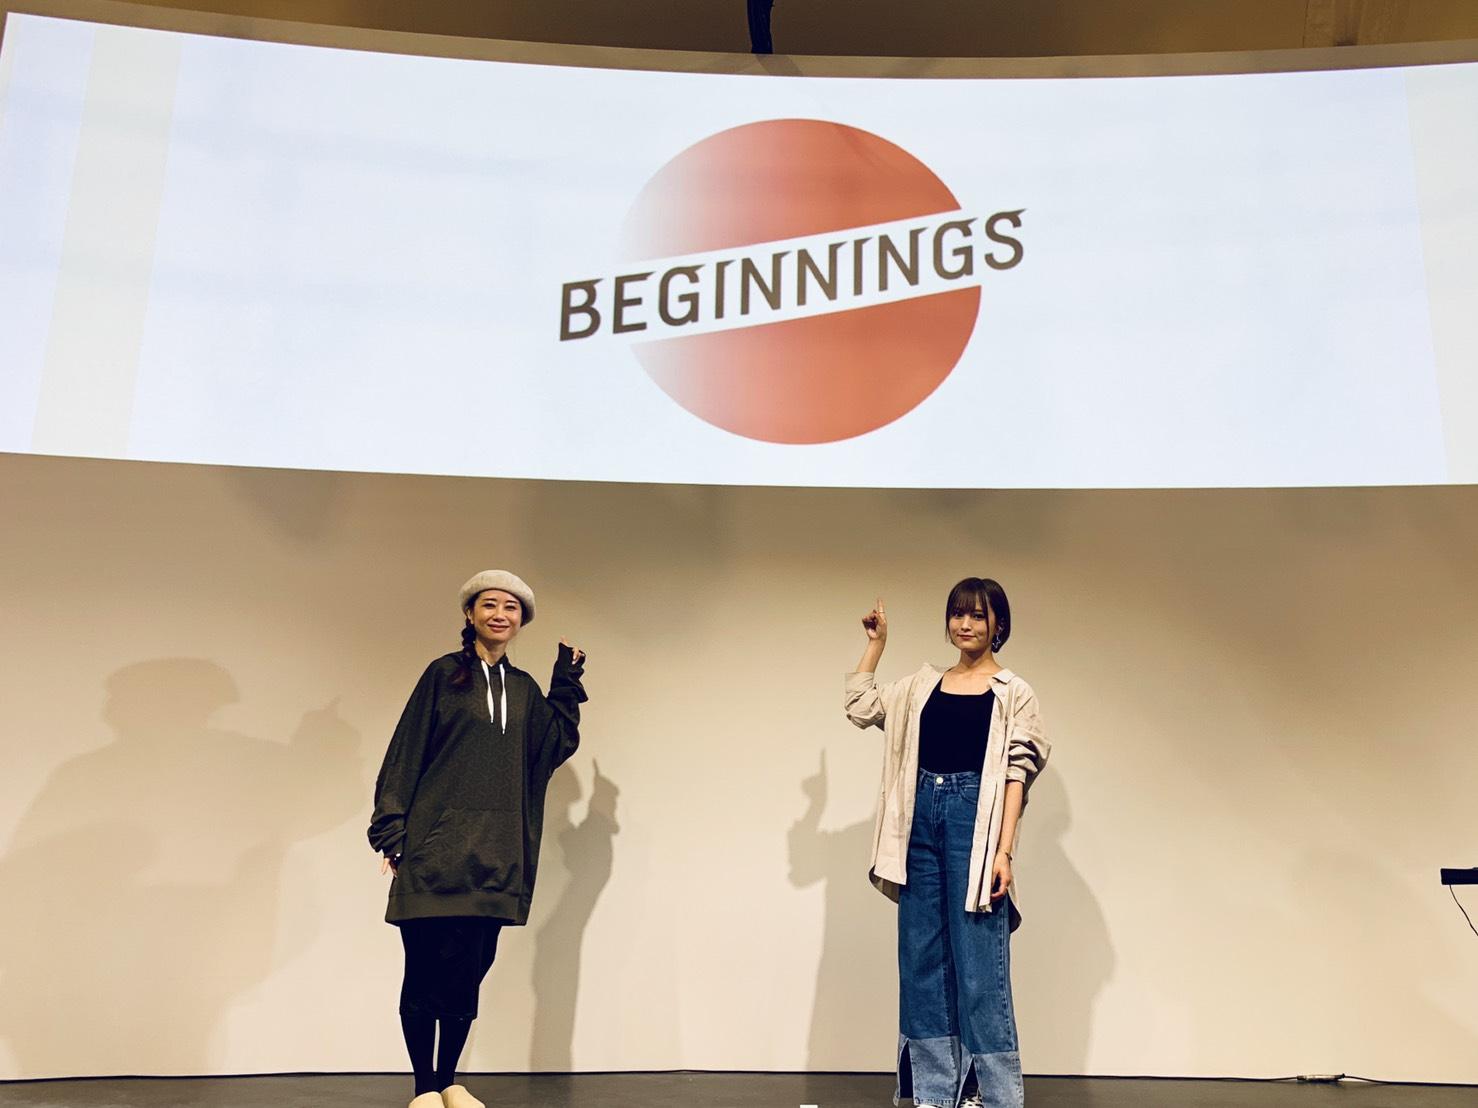 J-WAVEで放送中の番組『YEBISU BEER BEGINNINGS~LIVE FROM TAKANAWA GATEWAY』